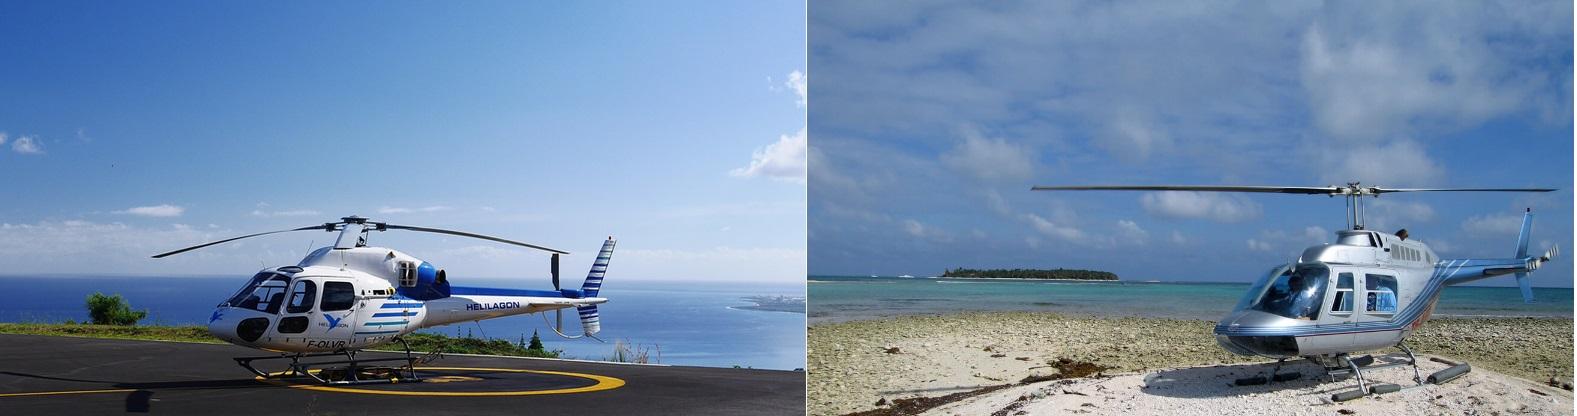 арендовать вертолет на мальдивских островах